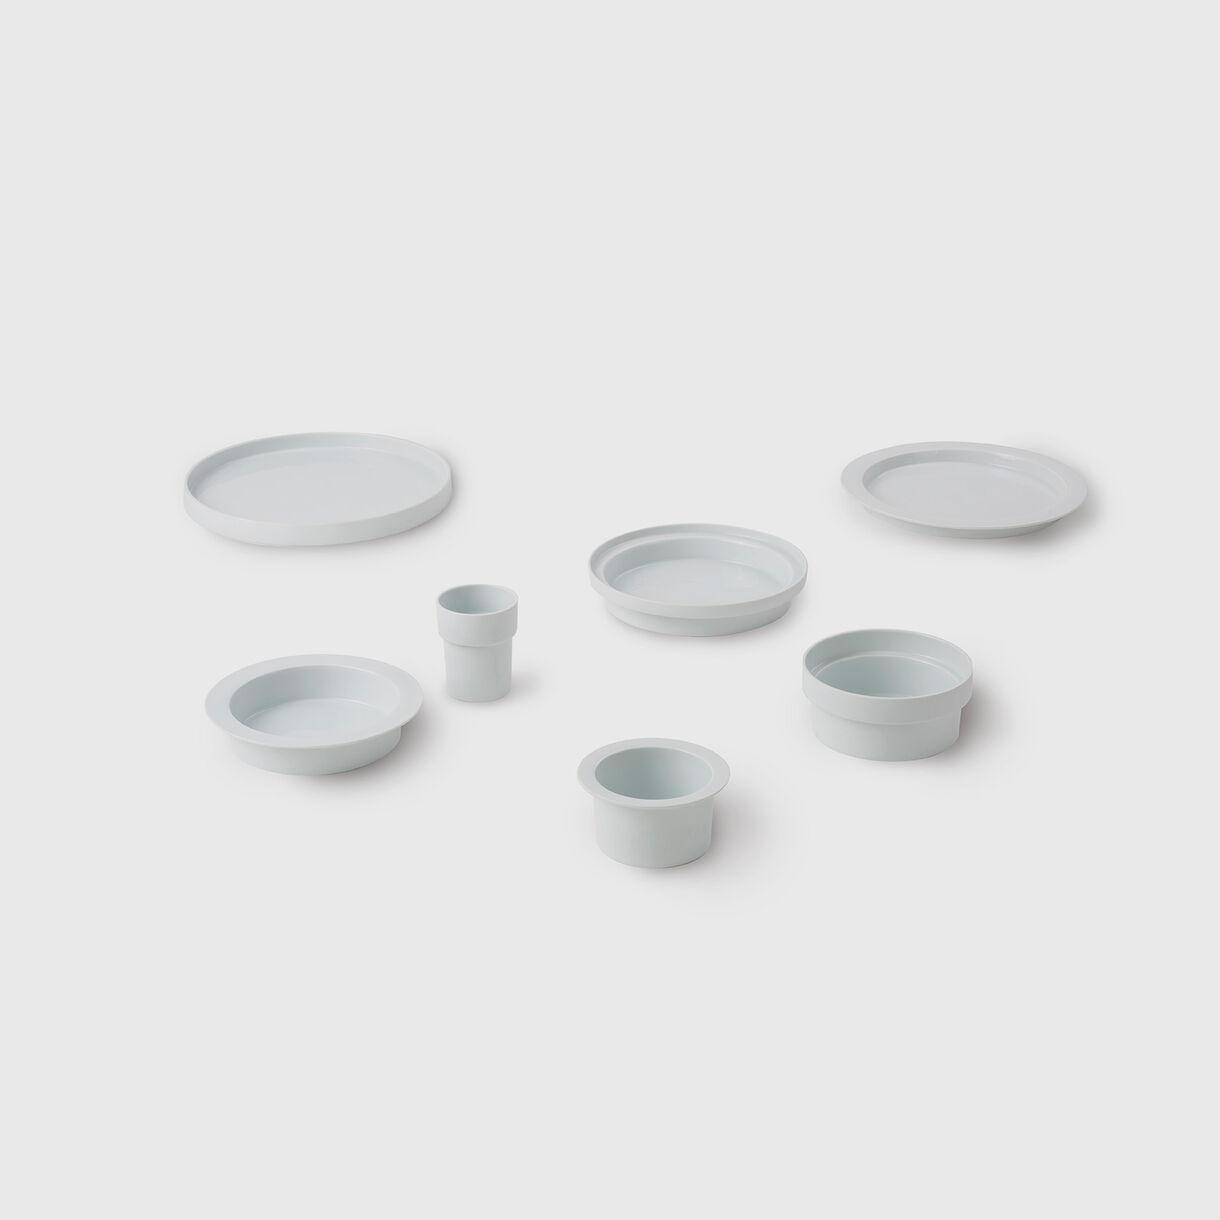 Arita Vessels